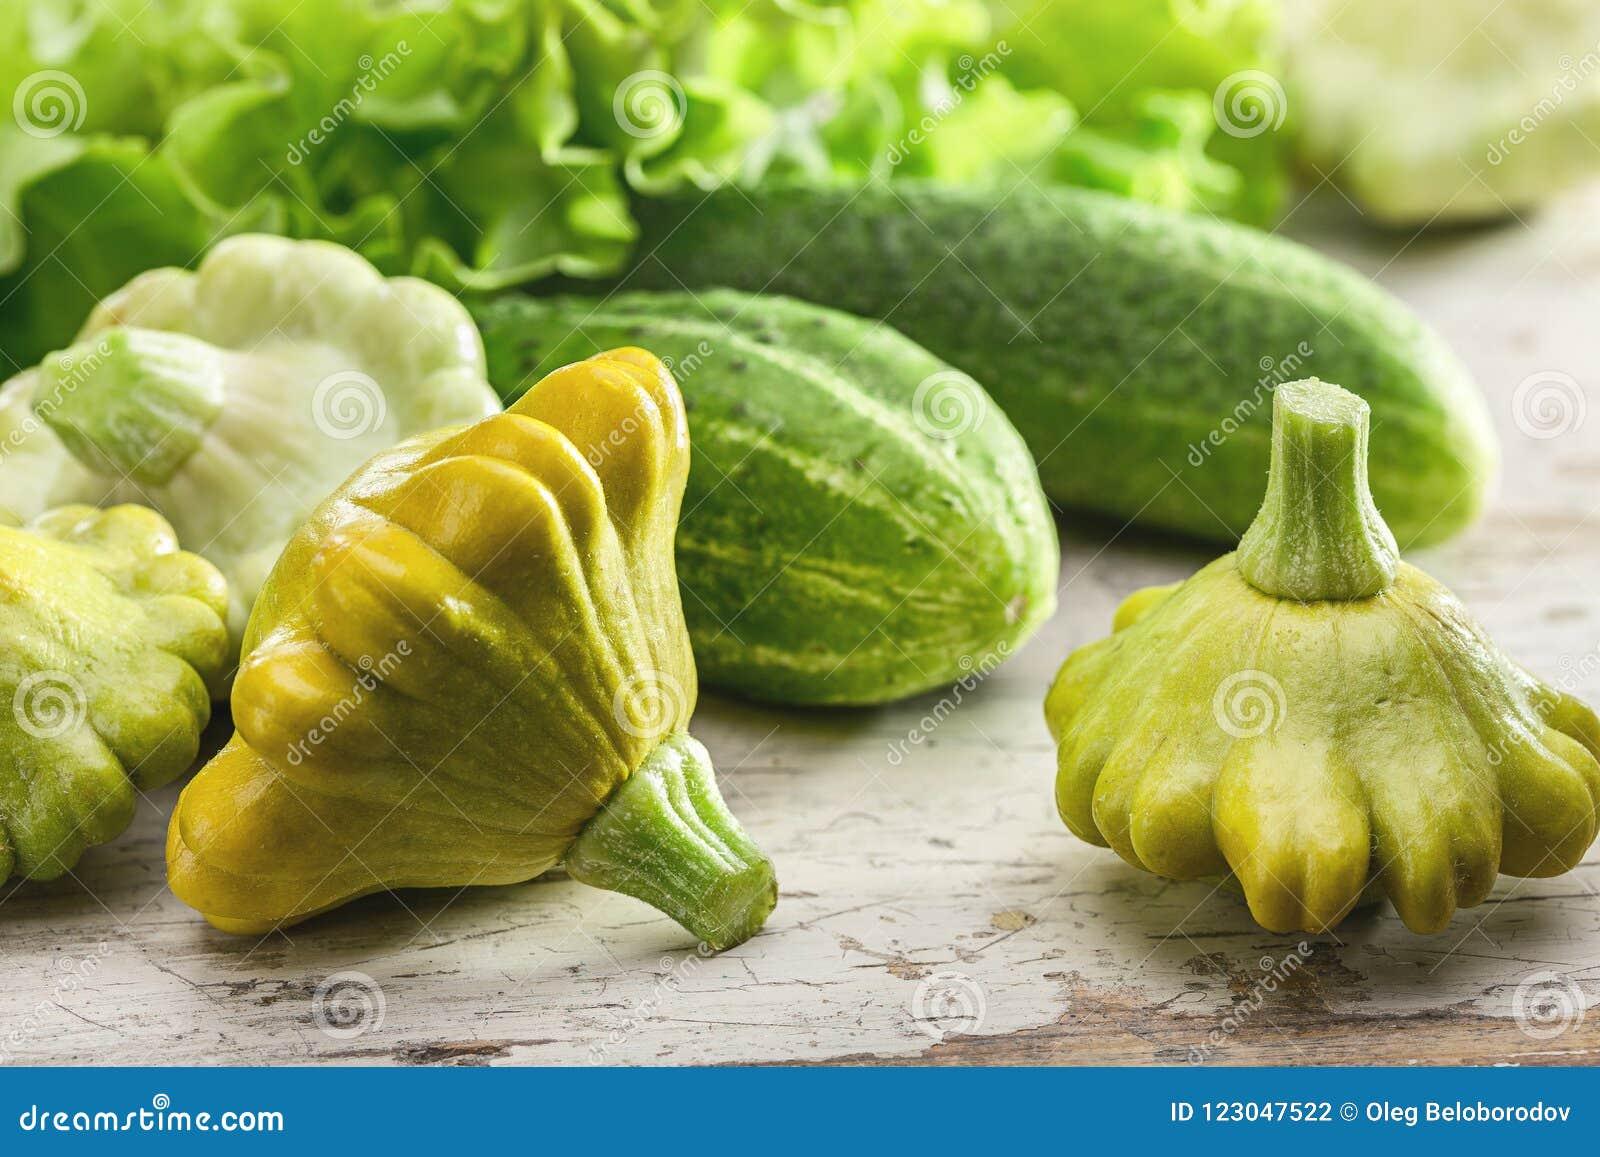 Θερινή ακόμα ζωή με τα λαχανικά Φύλλα μαρουλιού, αγγούρια και pasissons